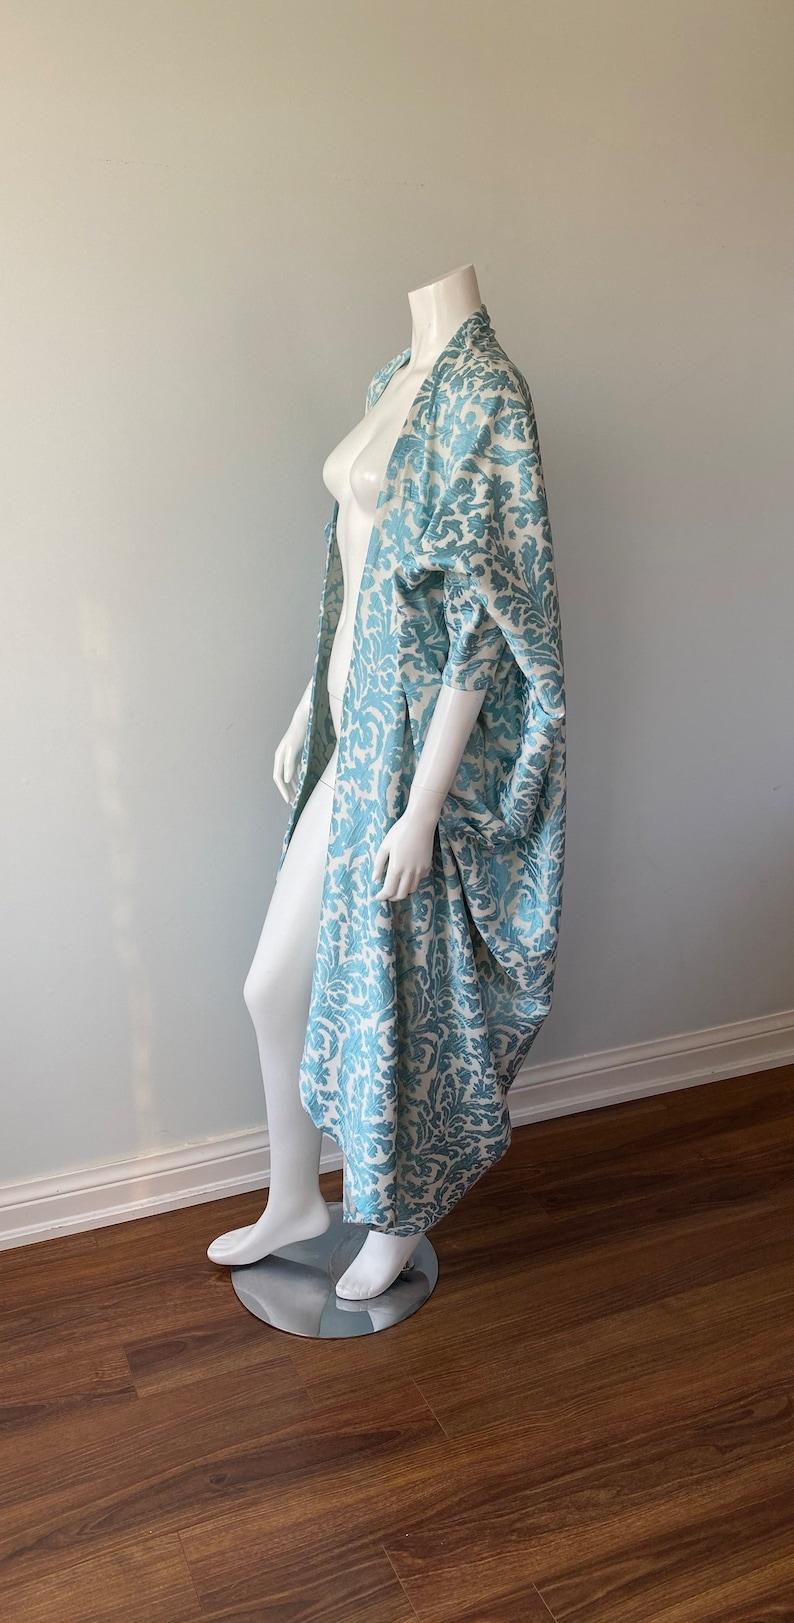 1920s Coats, Furs, Jackets and Capes History     Read the full title    1920s Style Kikoon Kimono Coat Duster Evening Kikoon Kimono Duster Kikoon $220.00 AT vintagedancer.com